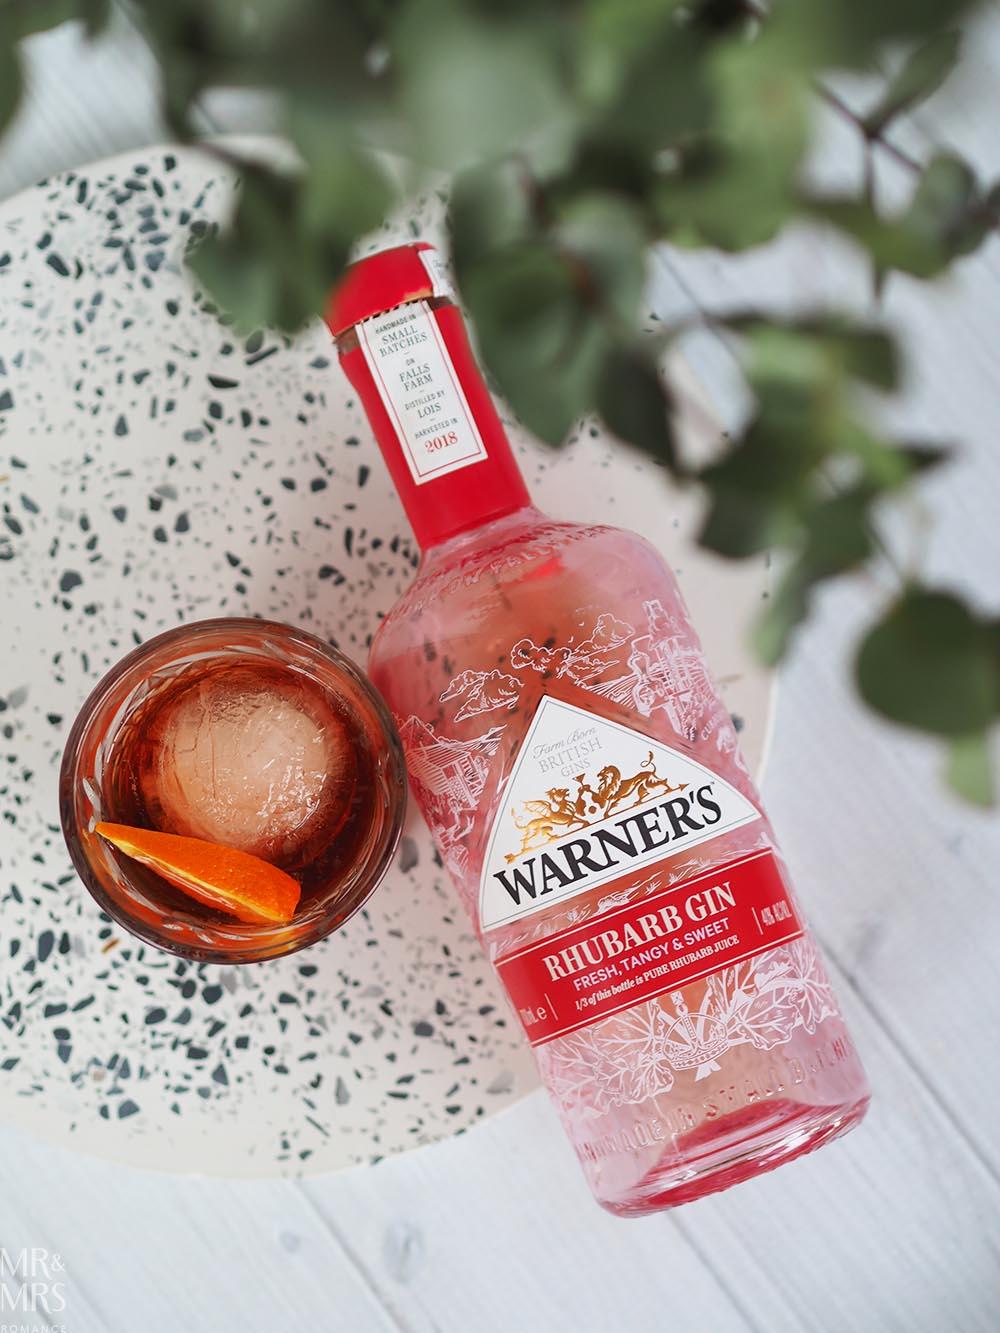 Negroni cocktail Warner's Rhubarb pink gin